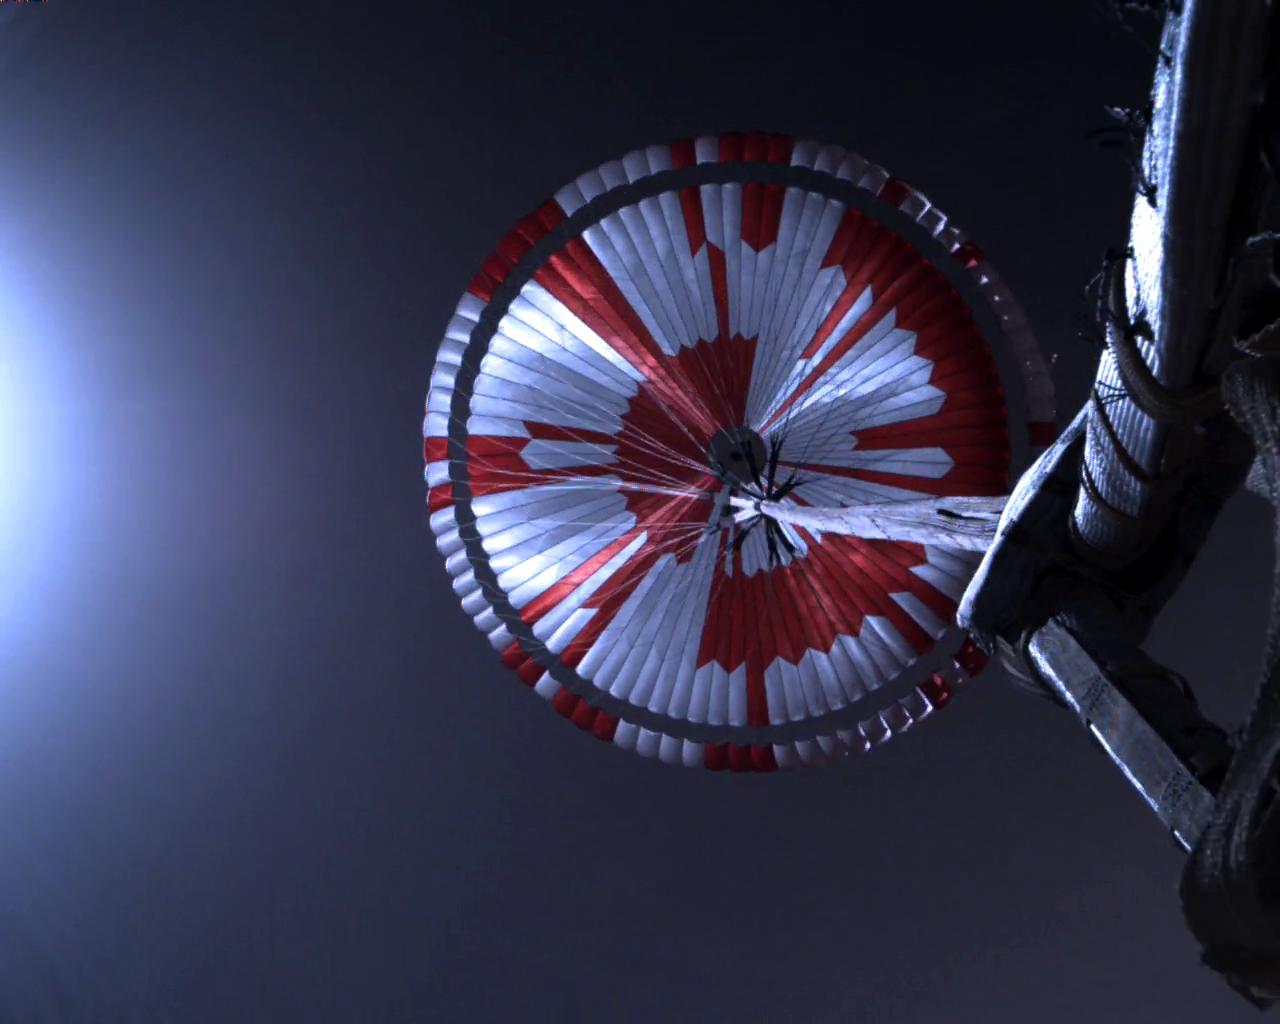 Obrázek: První video dorazilo na Zemi: Unikátní záběry z přistání na Marsu nadchly internet